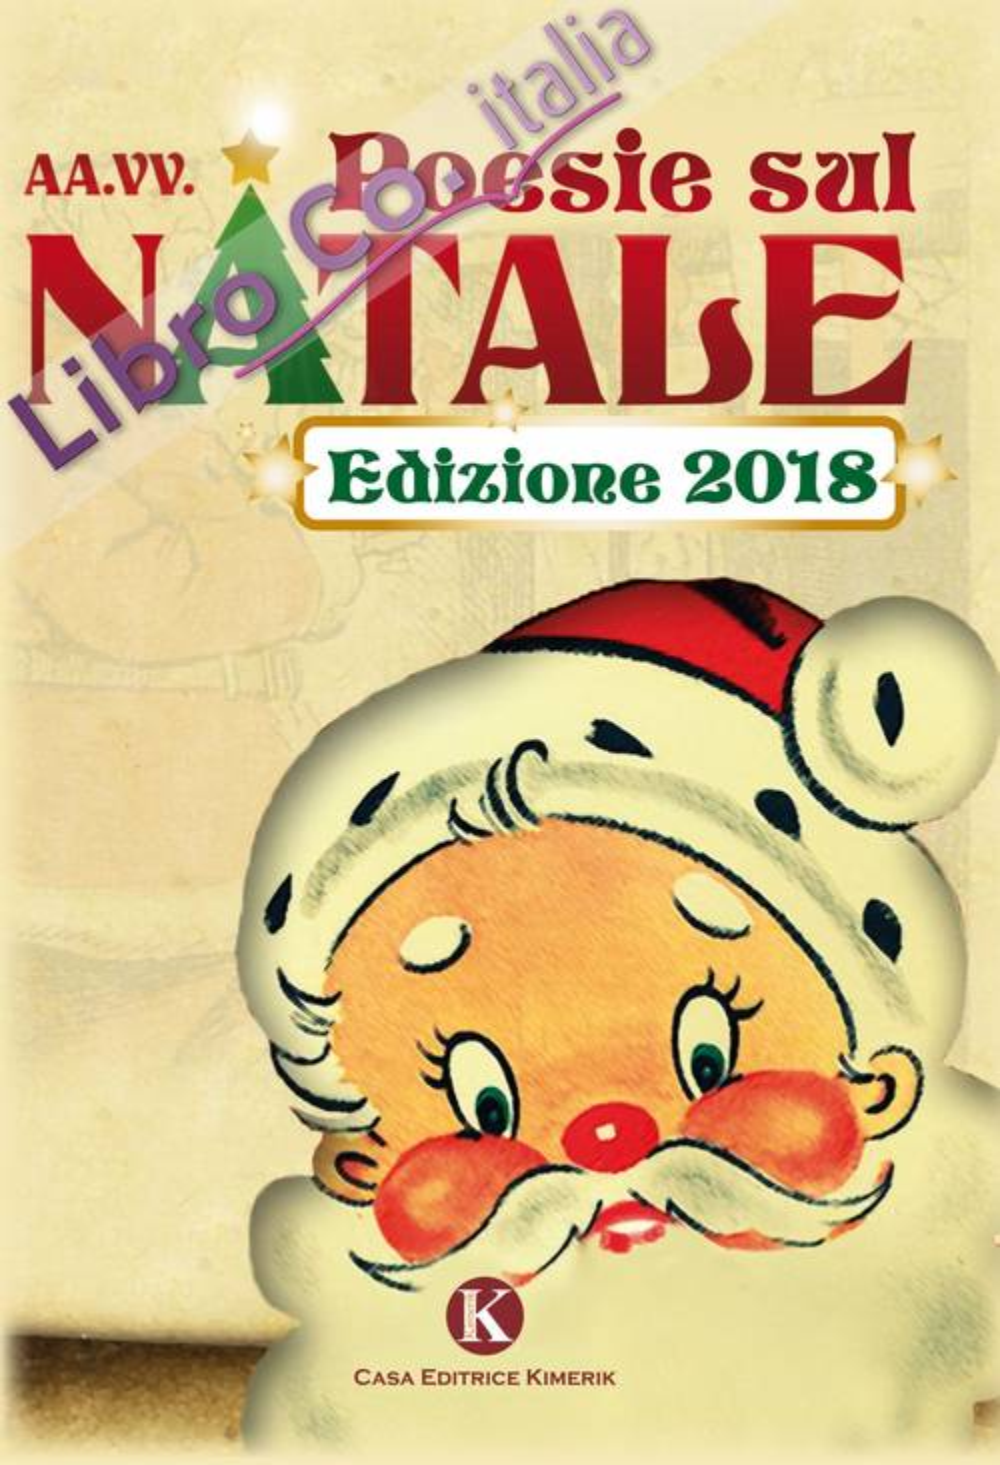 Poesie sul Natale 2018